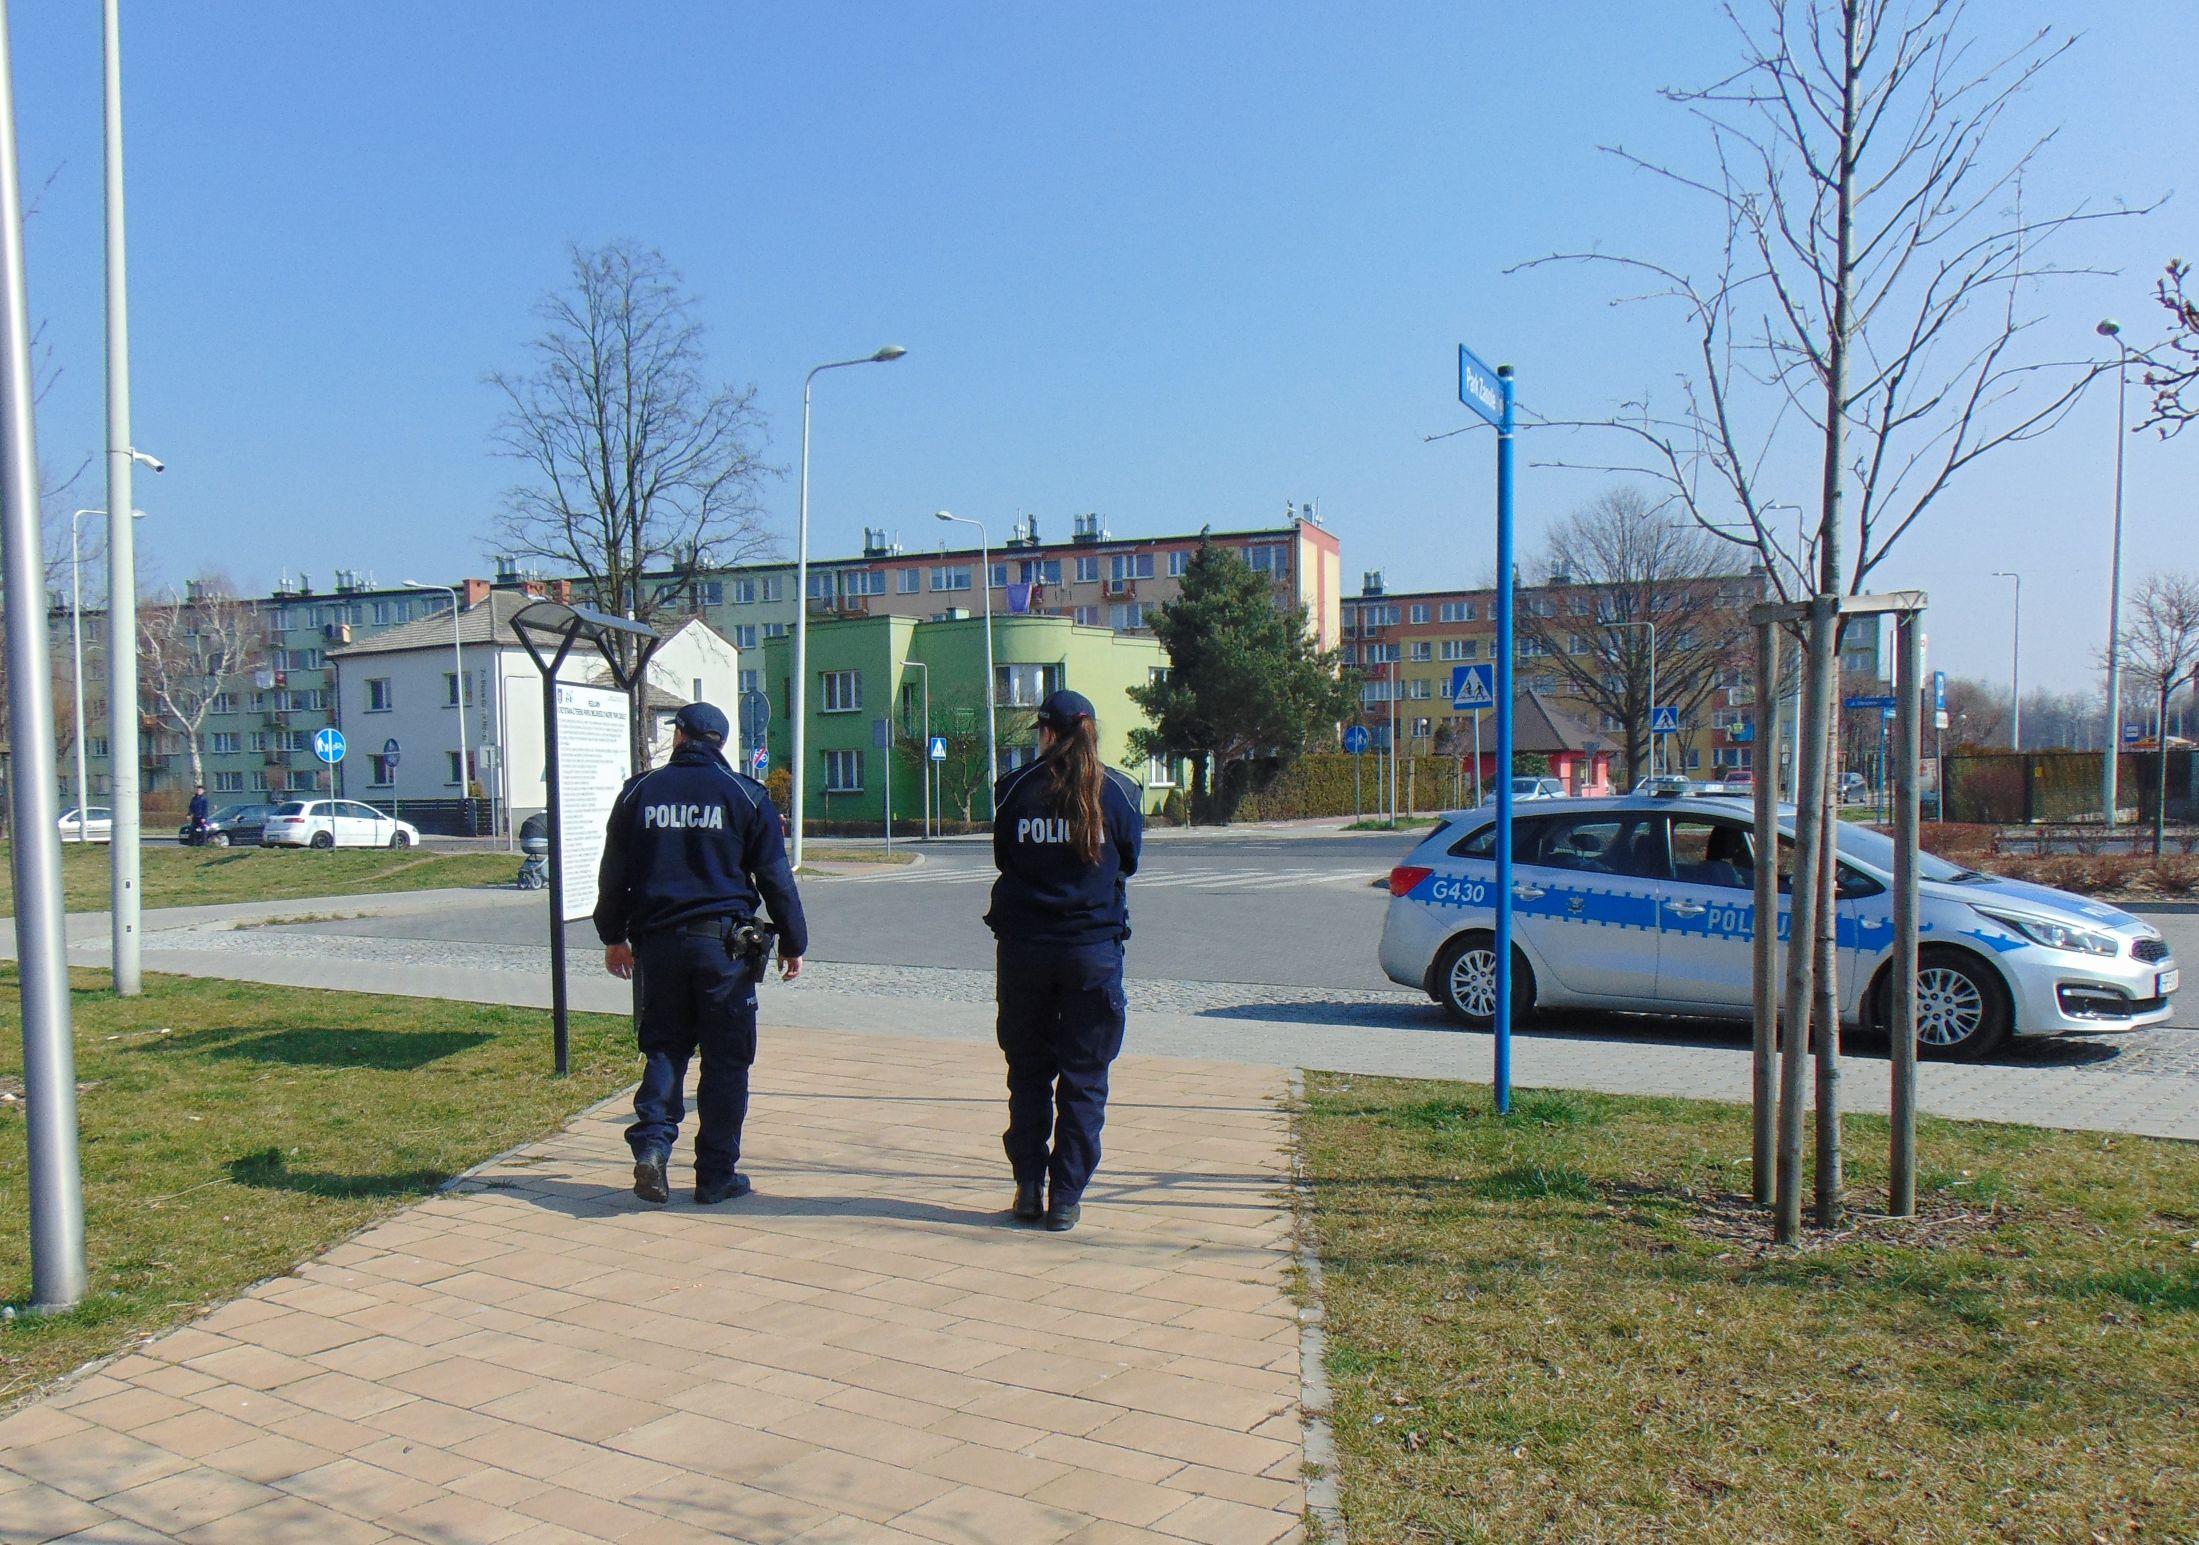 Policjanci znowu będą pilnować, czy mieszkańcy przestrzegają restrykcji